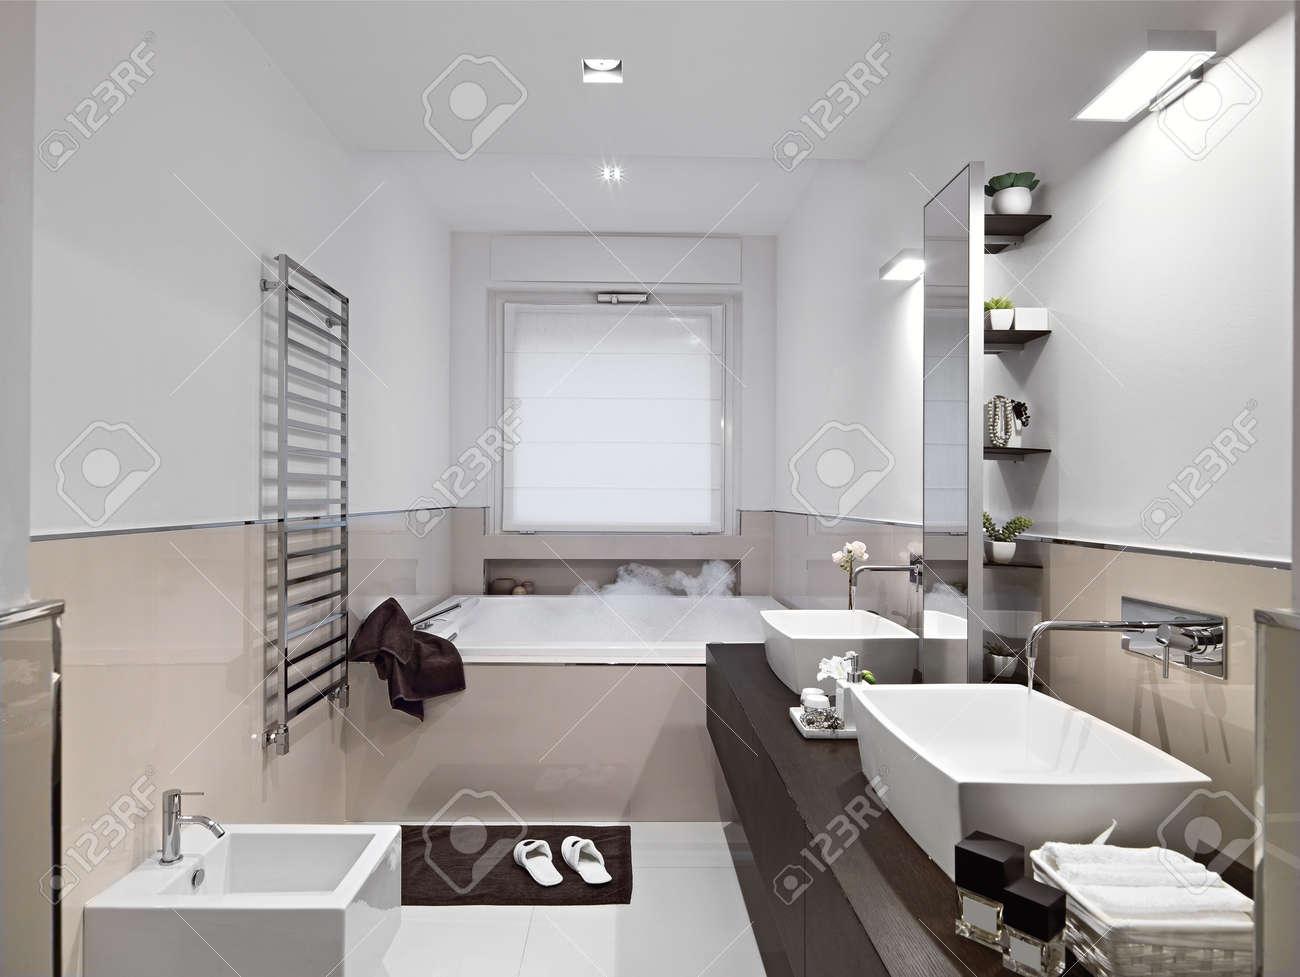 Vue De L\'intérieur D\'une Salle De Bains Moderne Avec Baignoire Et ...